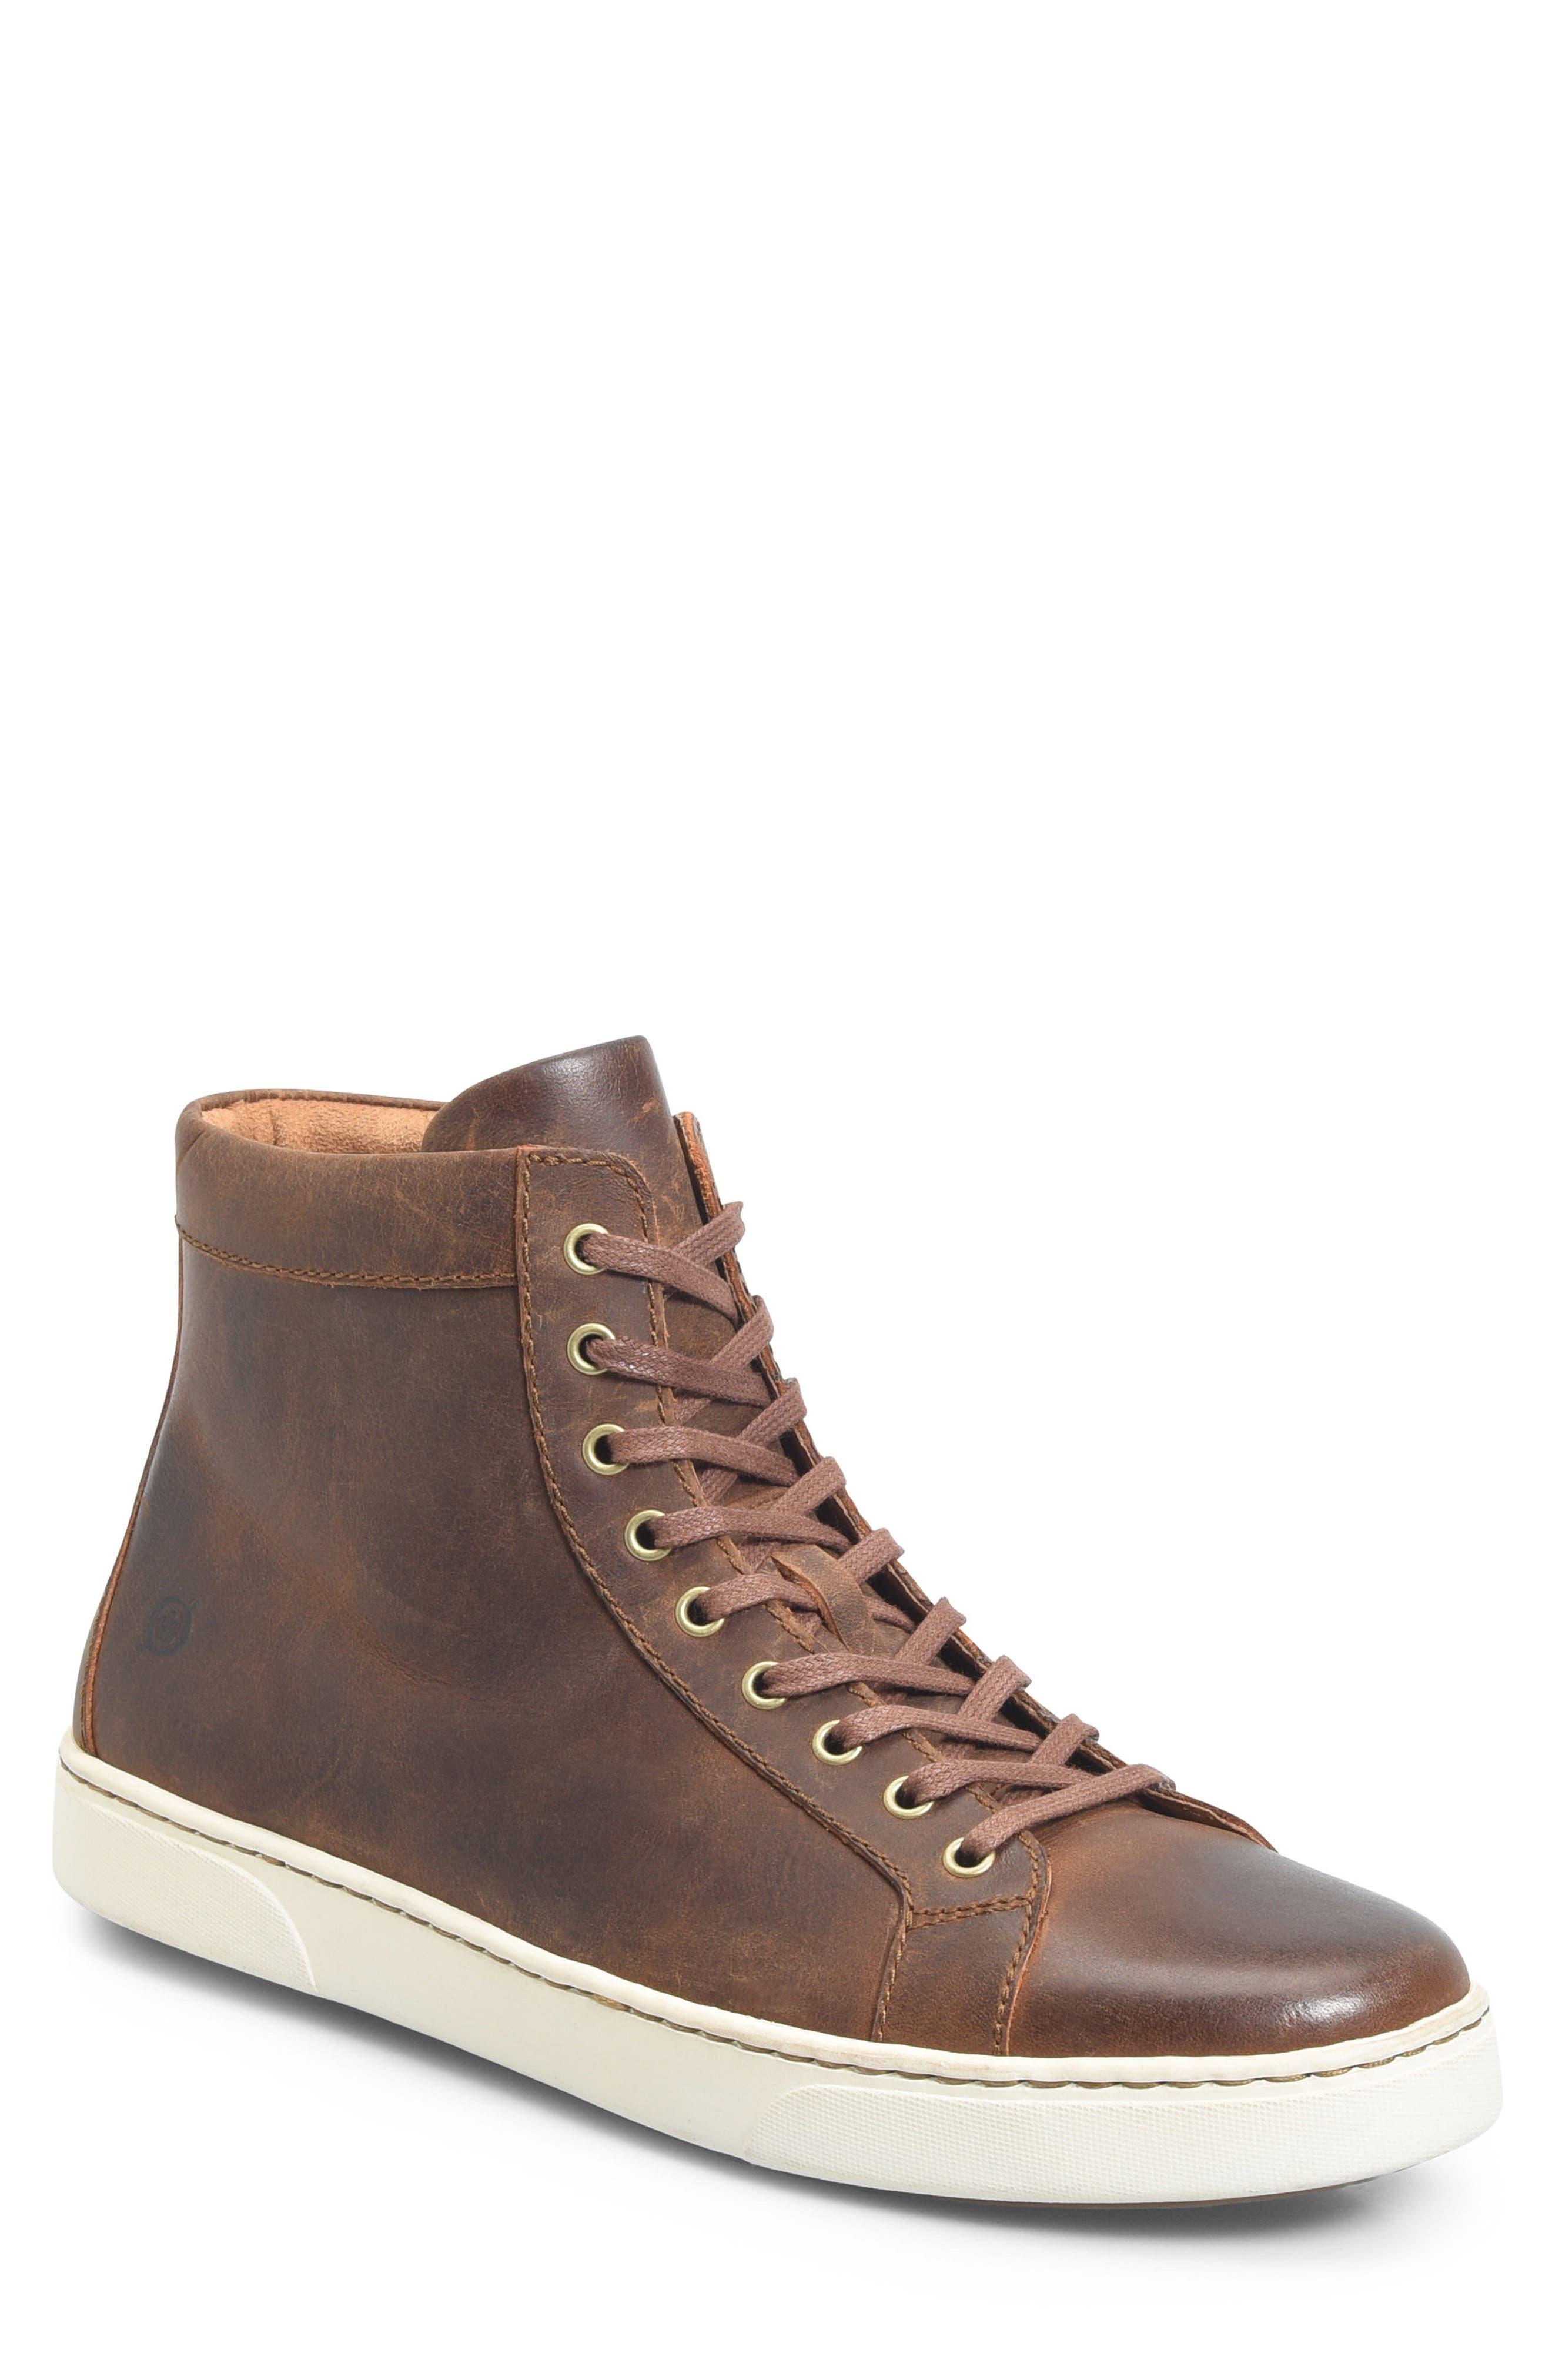 Alternate Image 1 Selected - Børn Beckler Sneaker (Men)